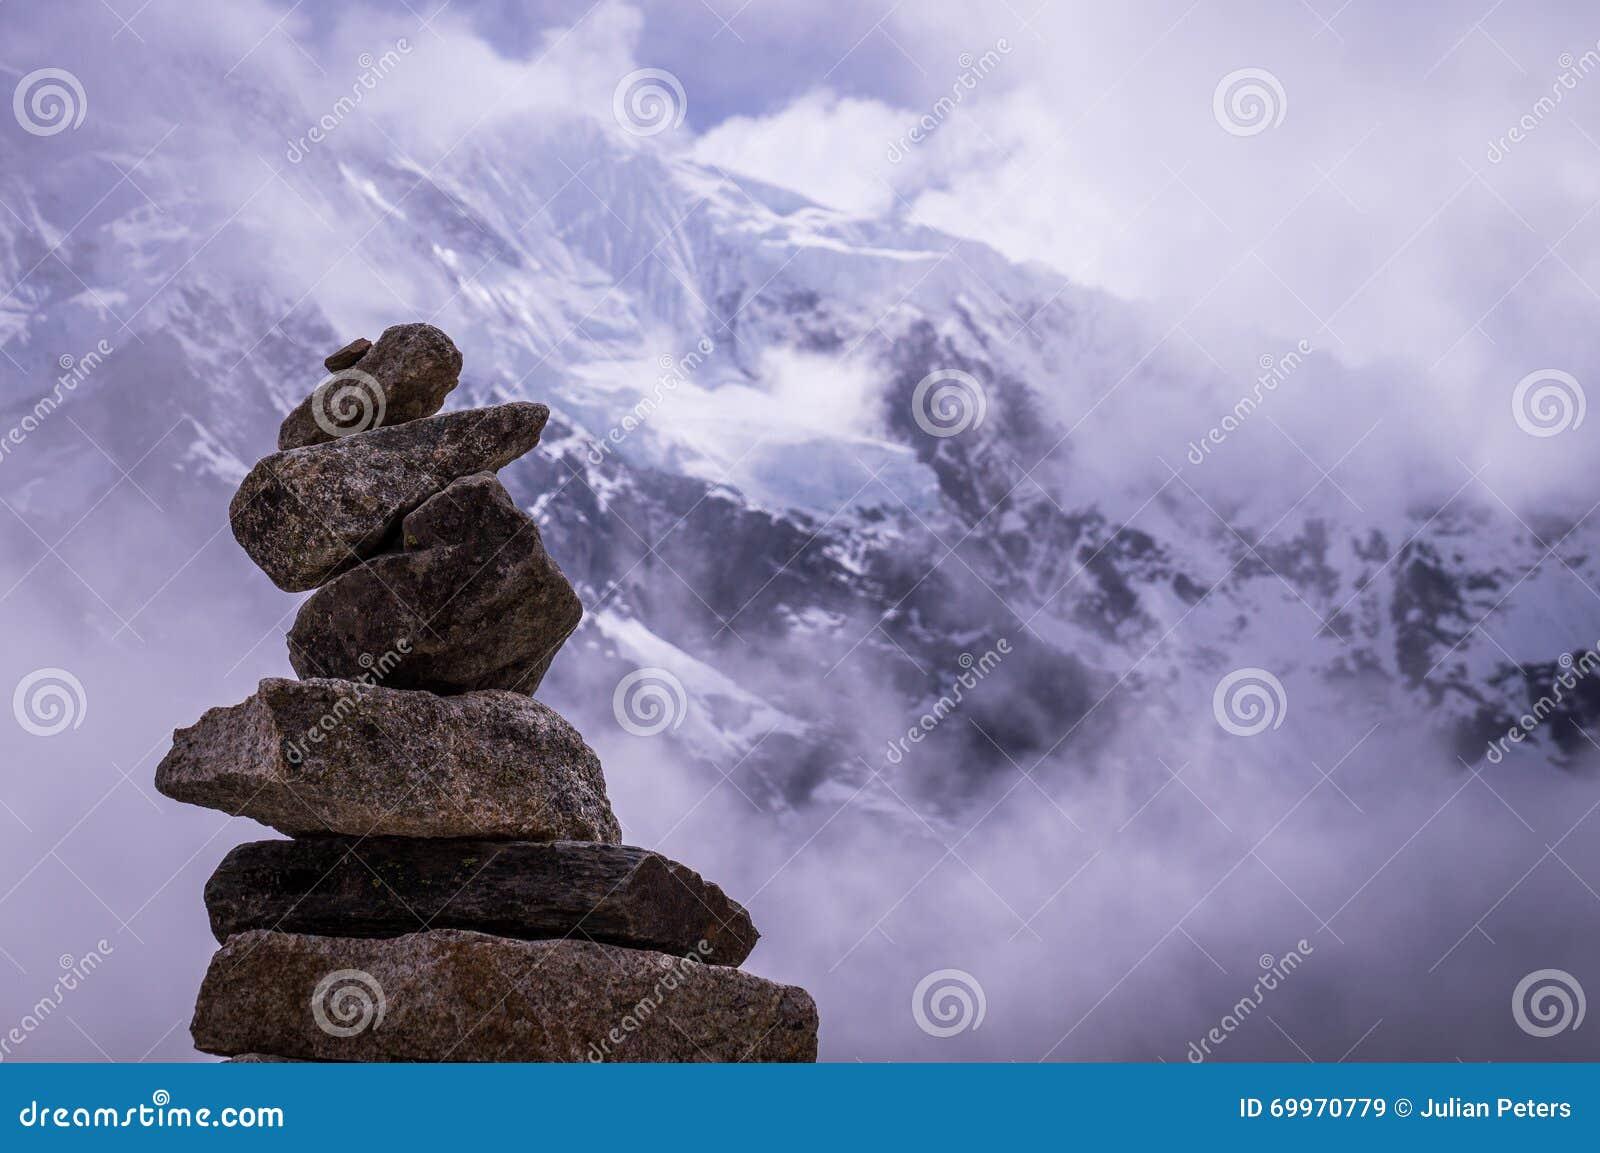 Stapel Felsen vor alpinem Hintergrund